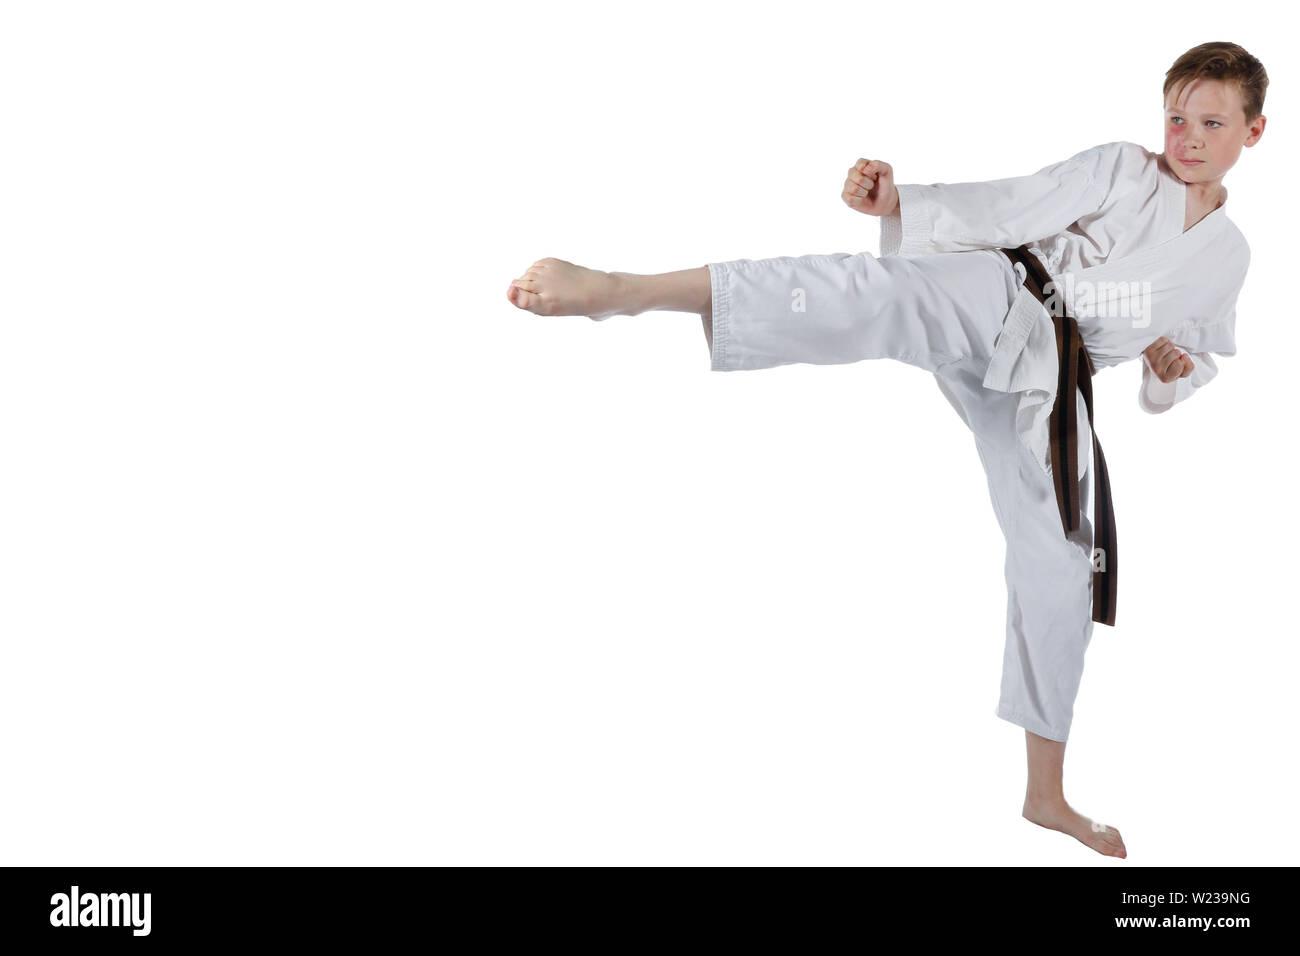 Teenage ragazzo caucasico indossando il karategi facendo un gancio kick Immagini Stock